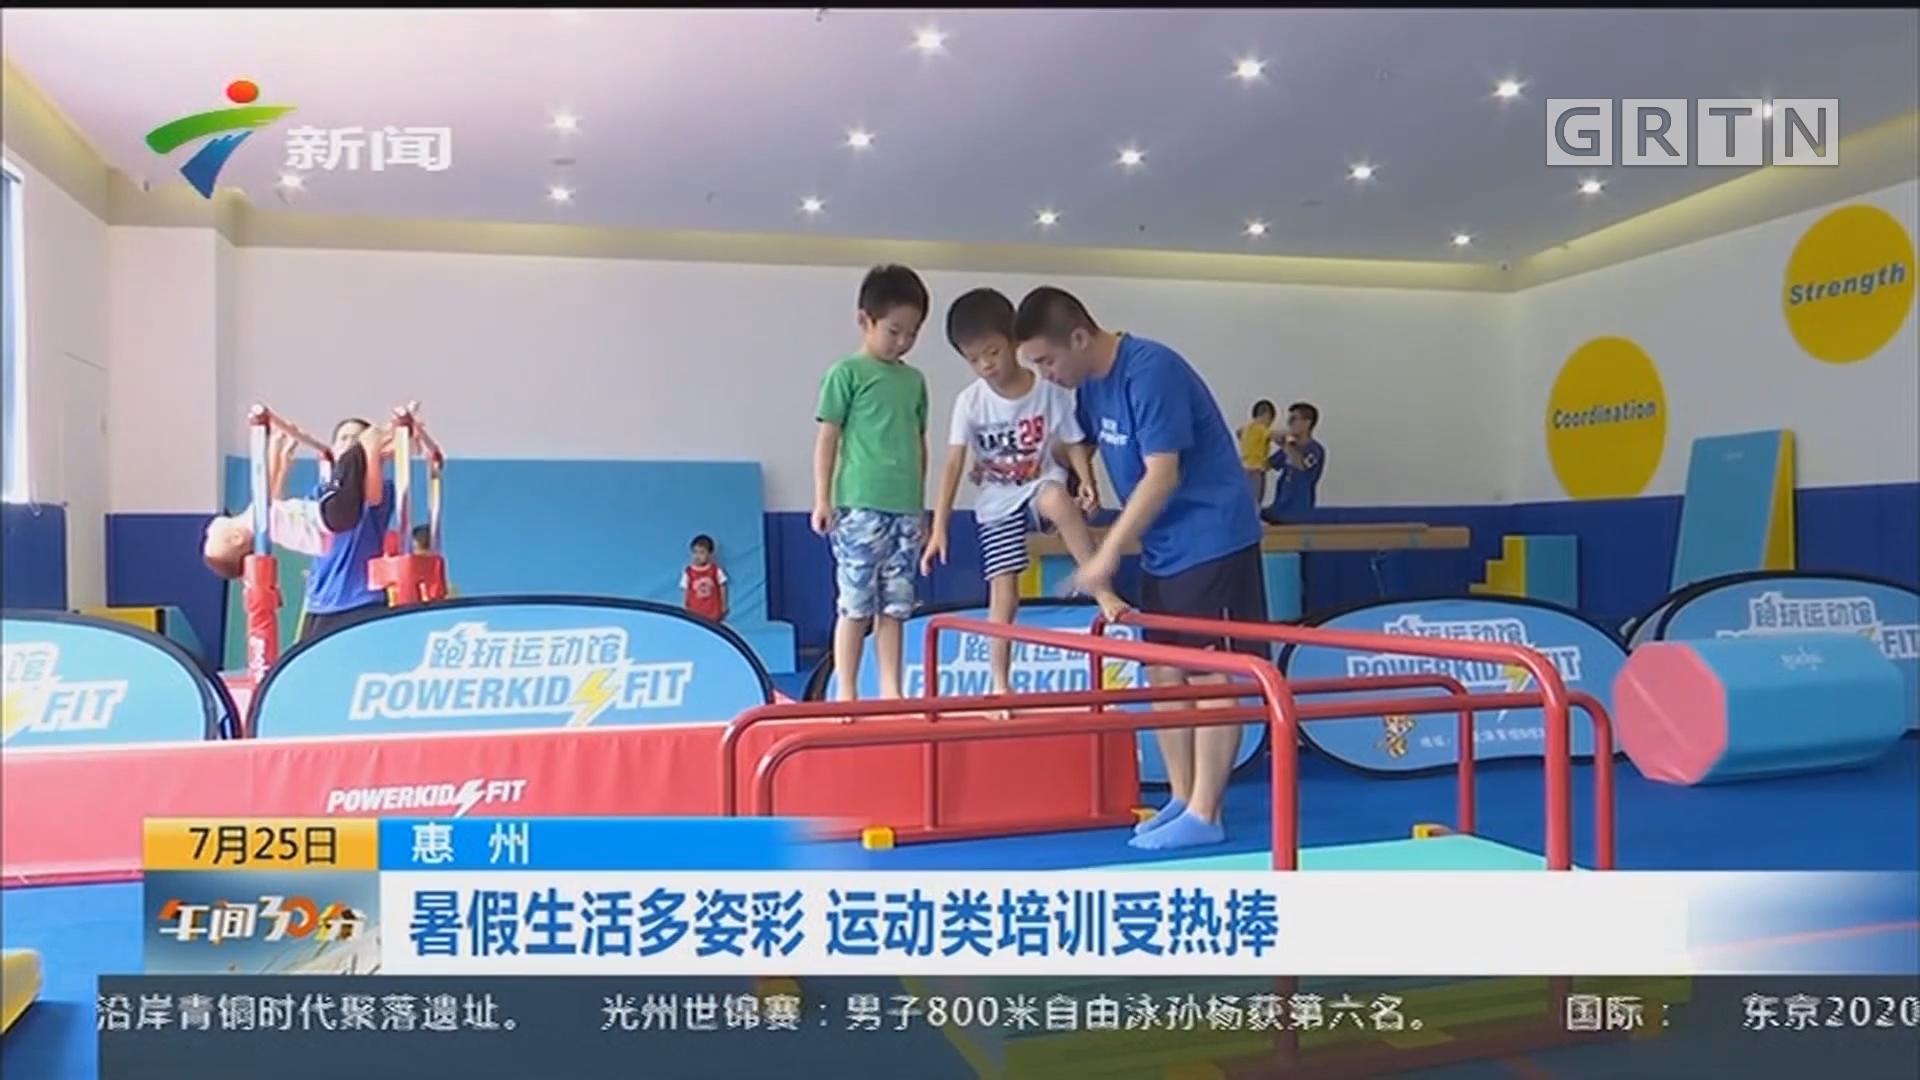 惠州:暑假生活多姿彩 运动类培训受热捧